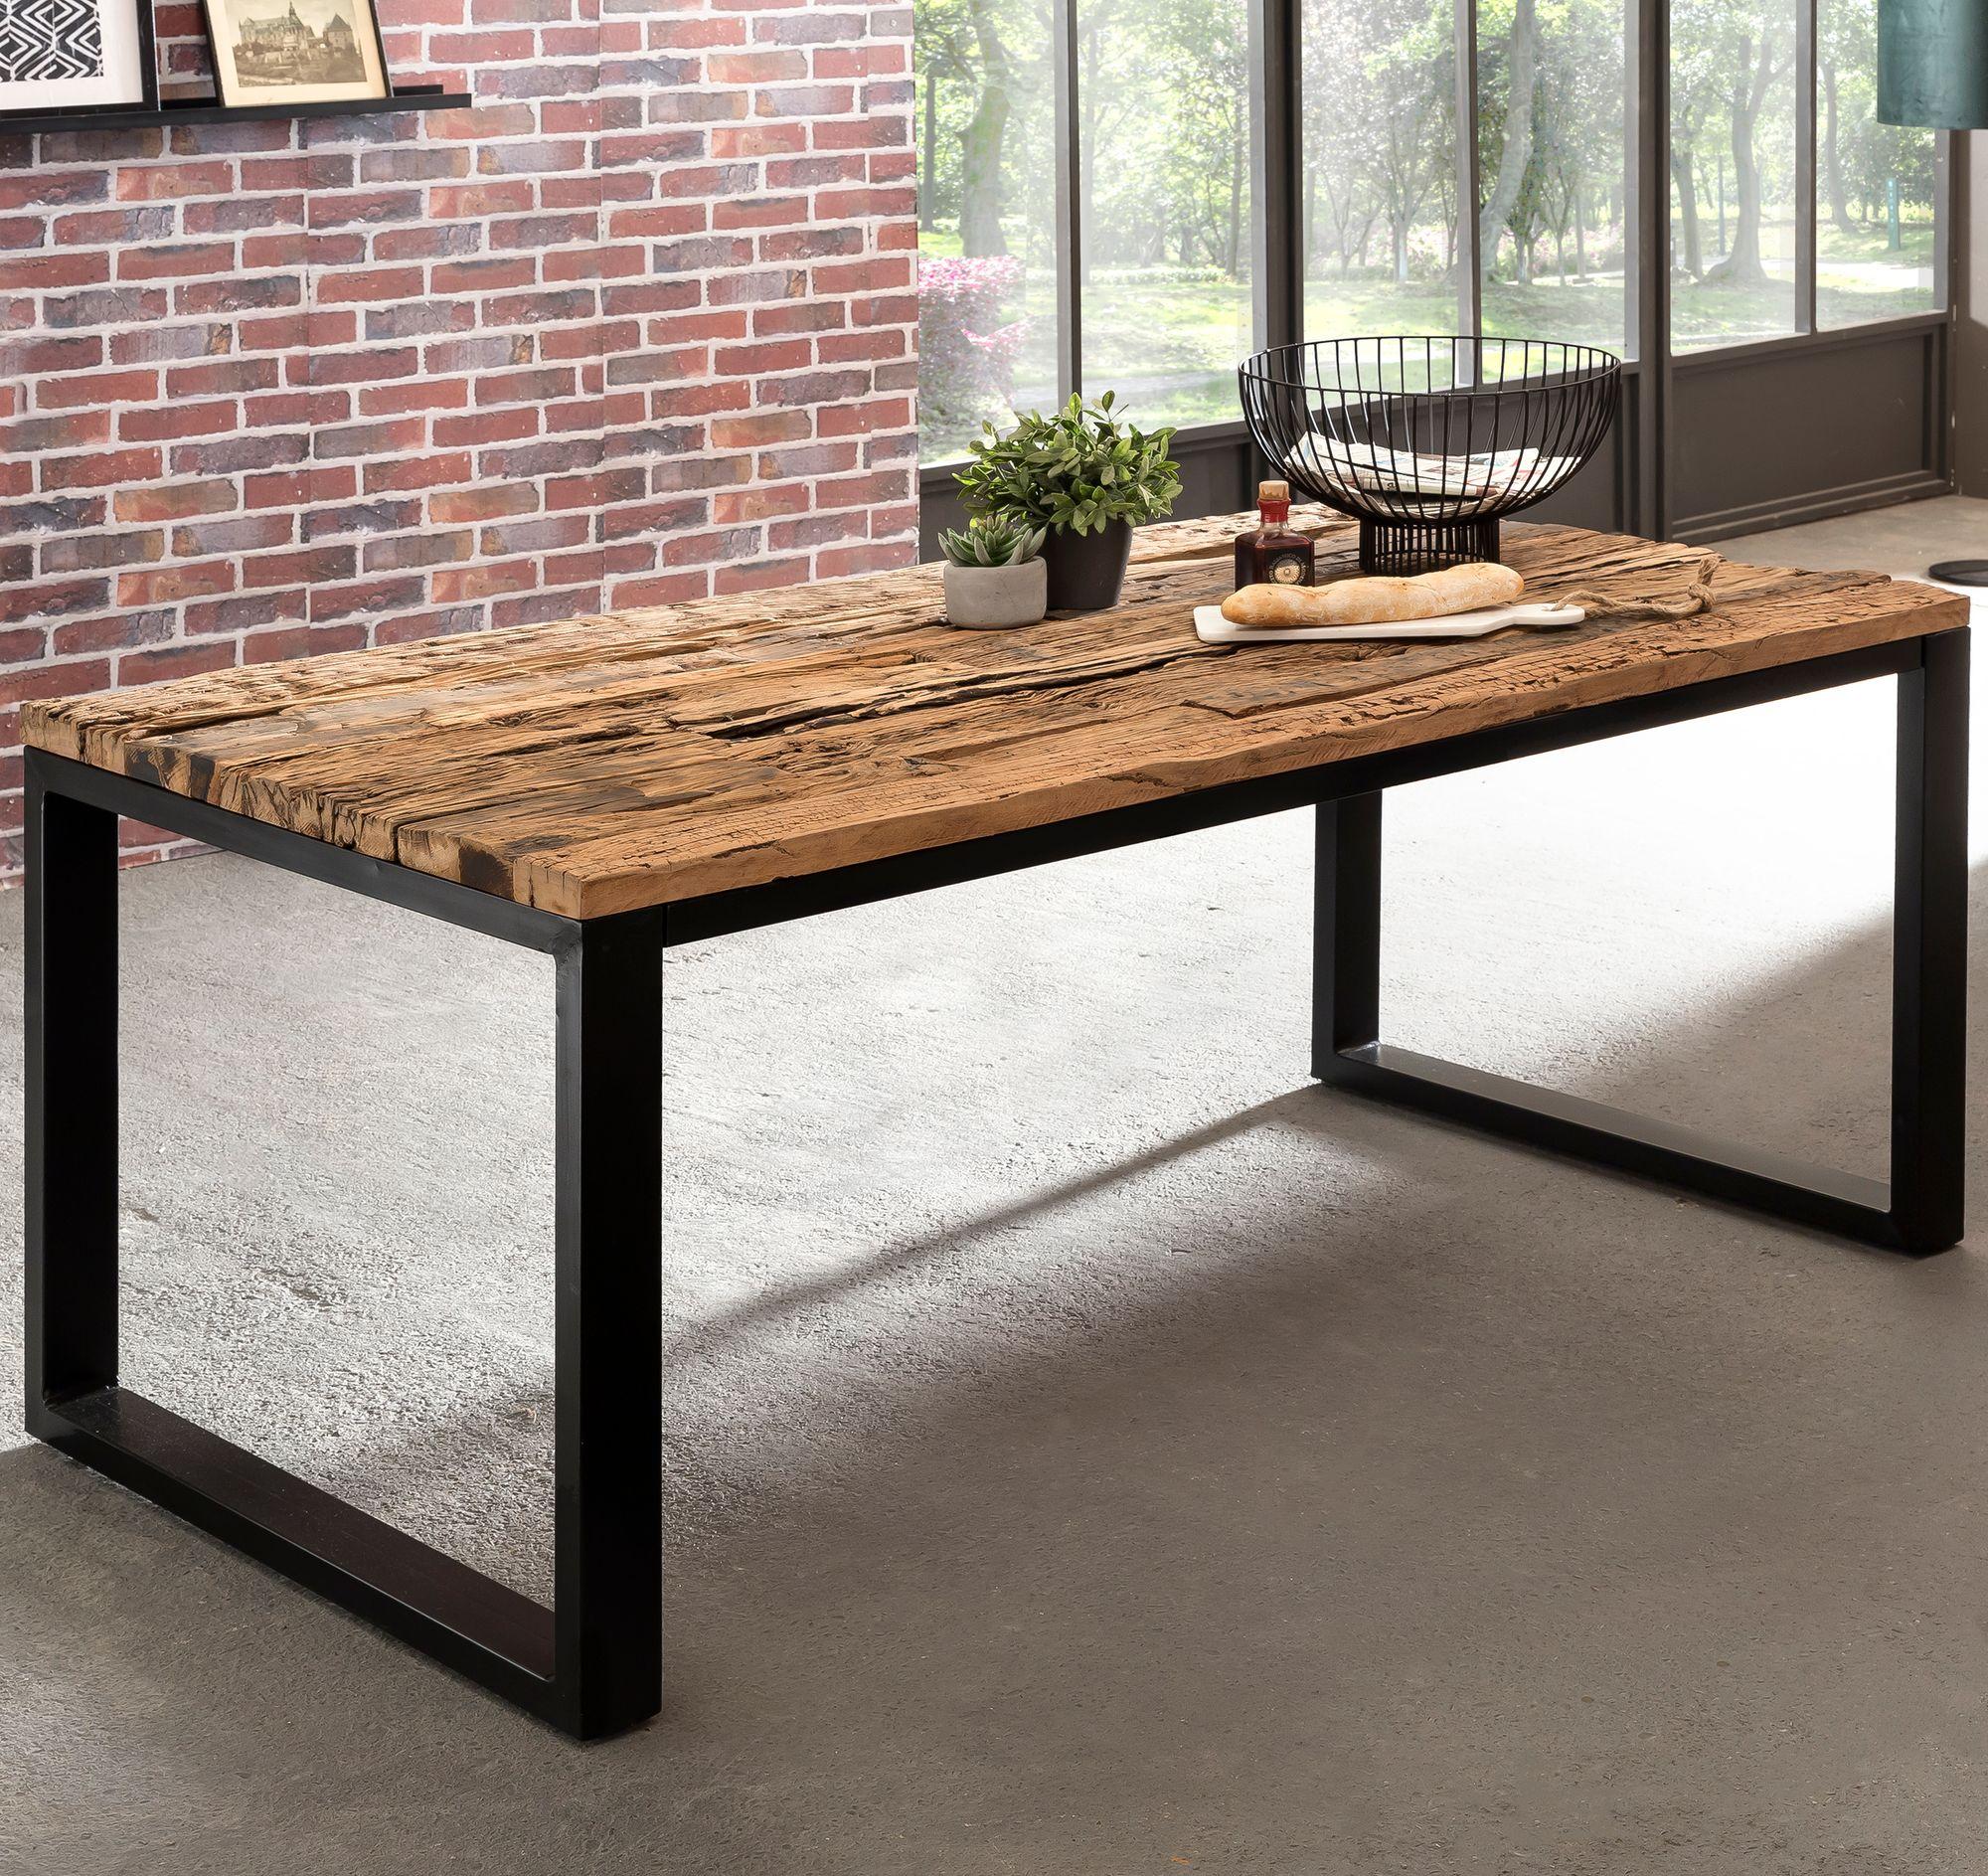 Esstisch Massivholz Esszimmertisch Küchentisch Massivholztisch Tisch